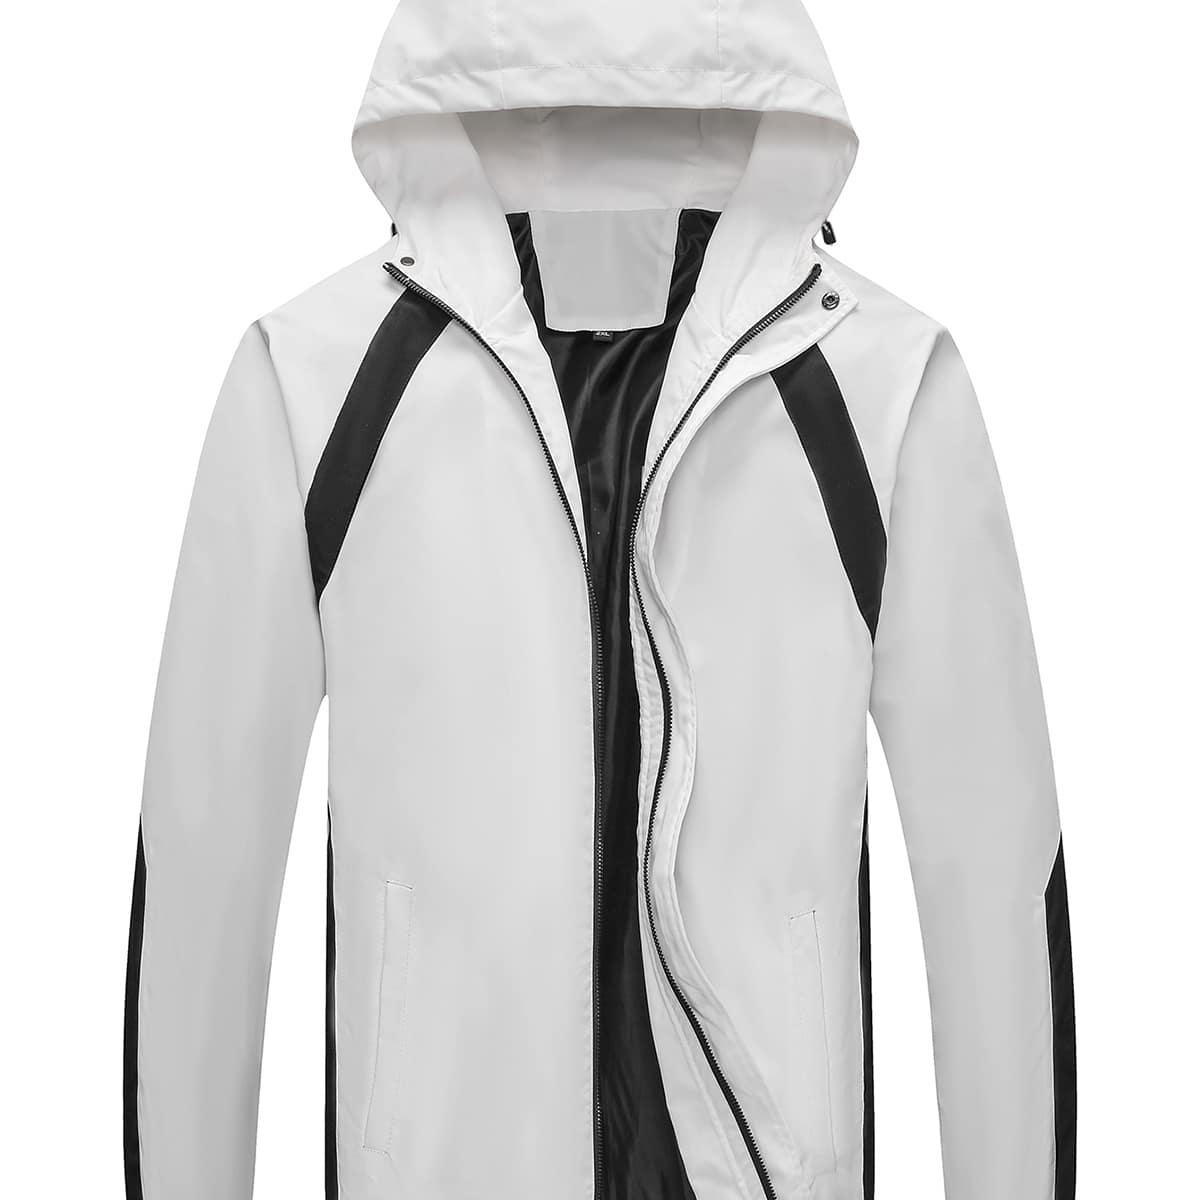 Мужская спортивная куртка с молнией и капюшоном